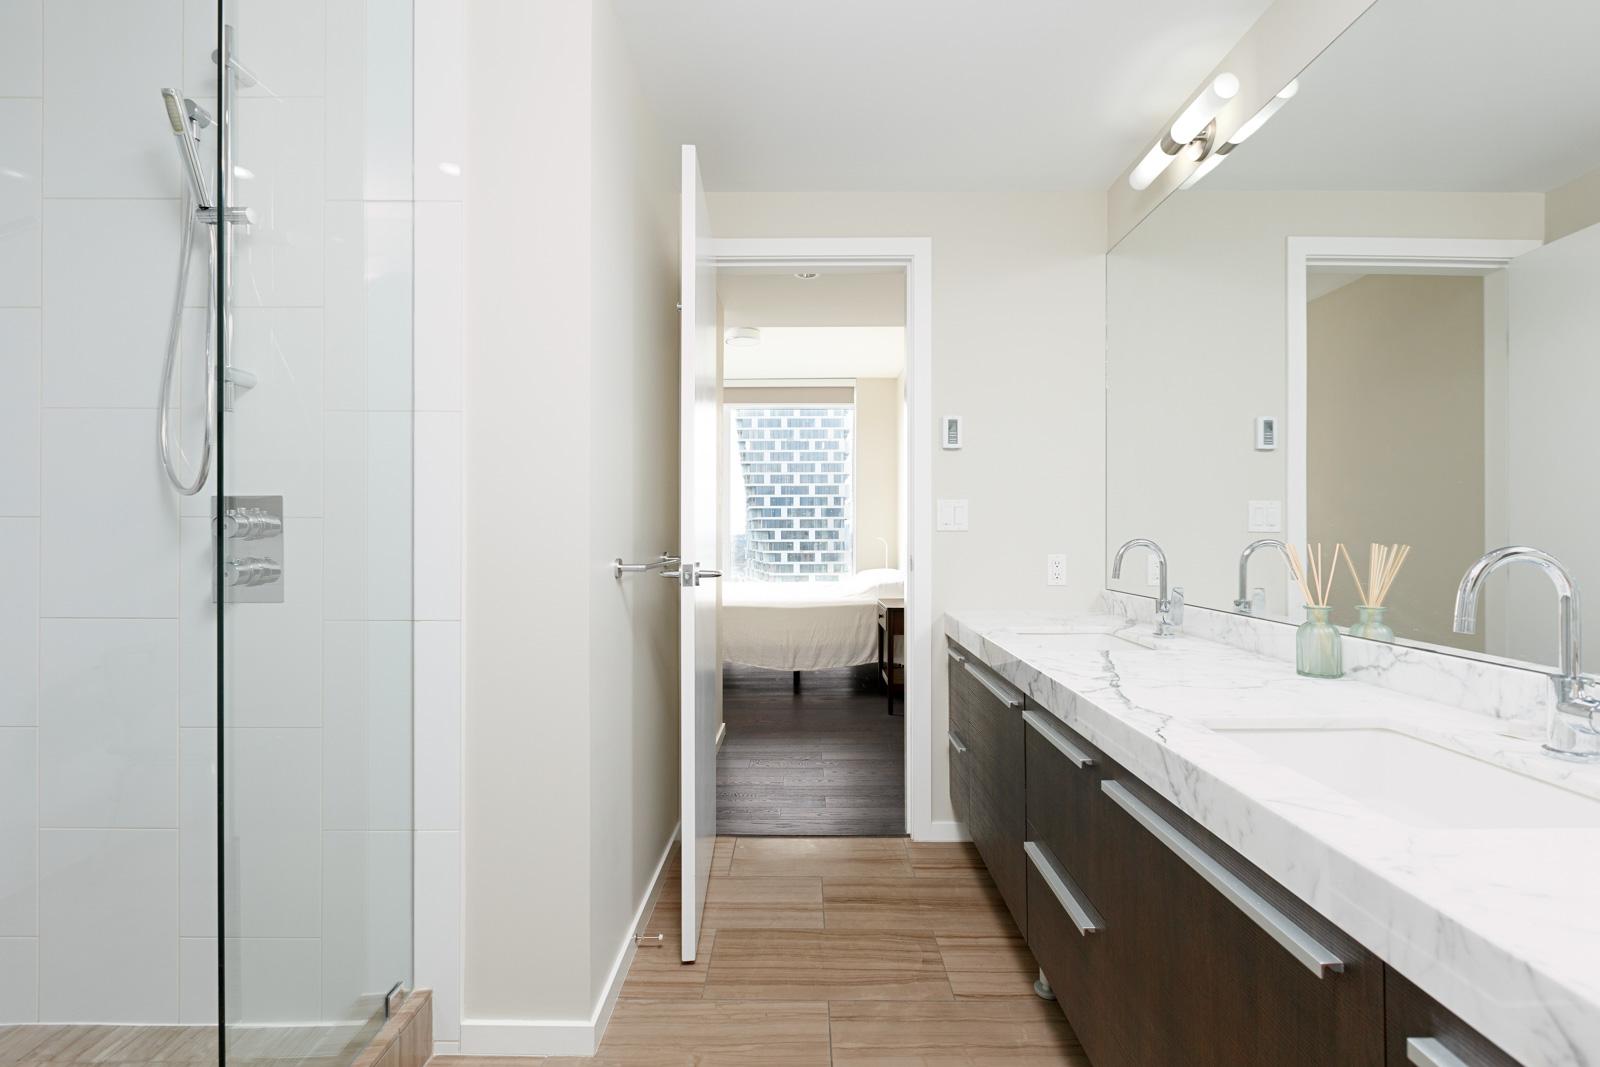 Bathroom in Vancouver rental condo.